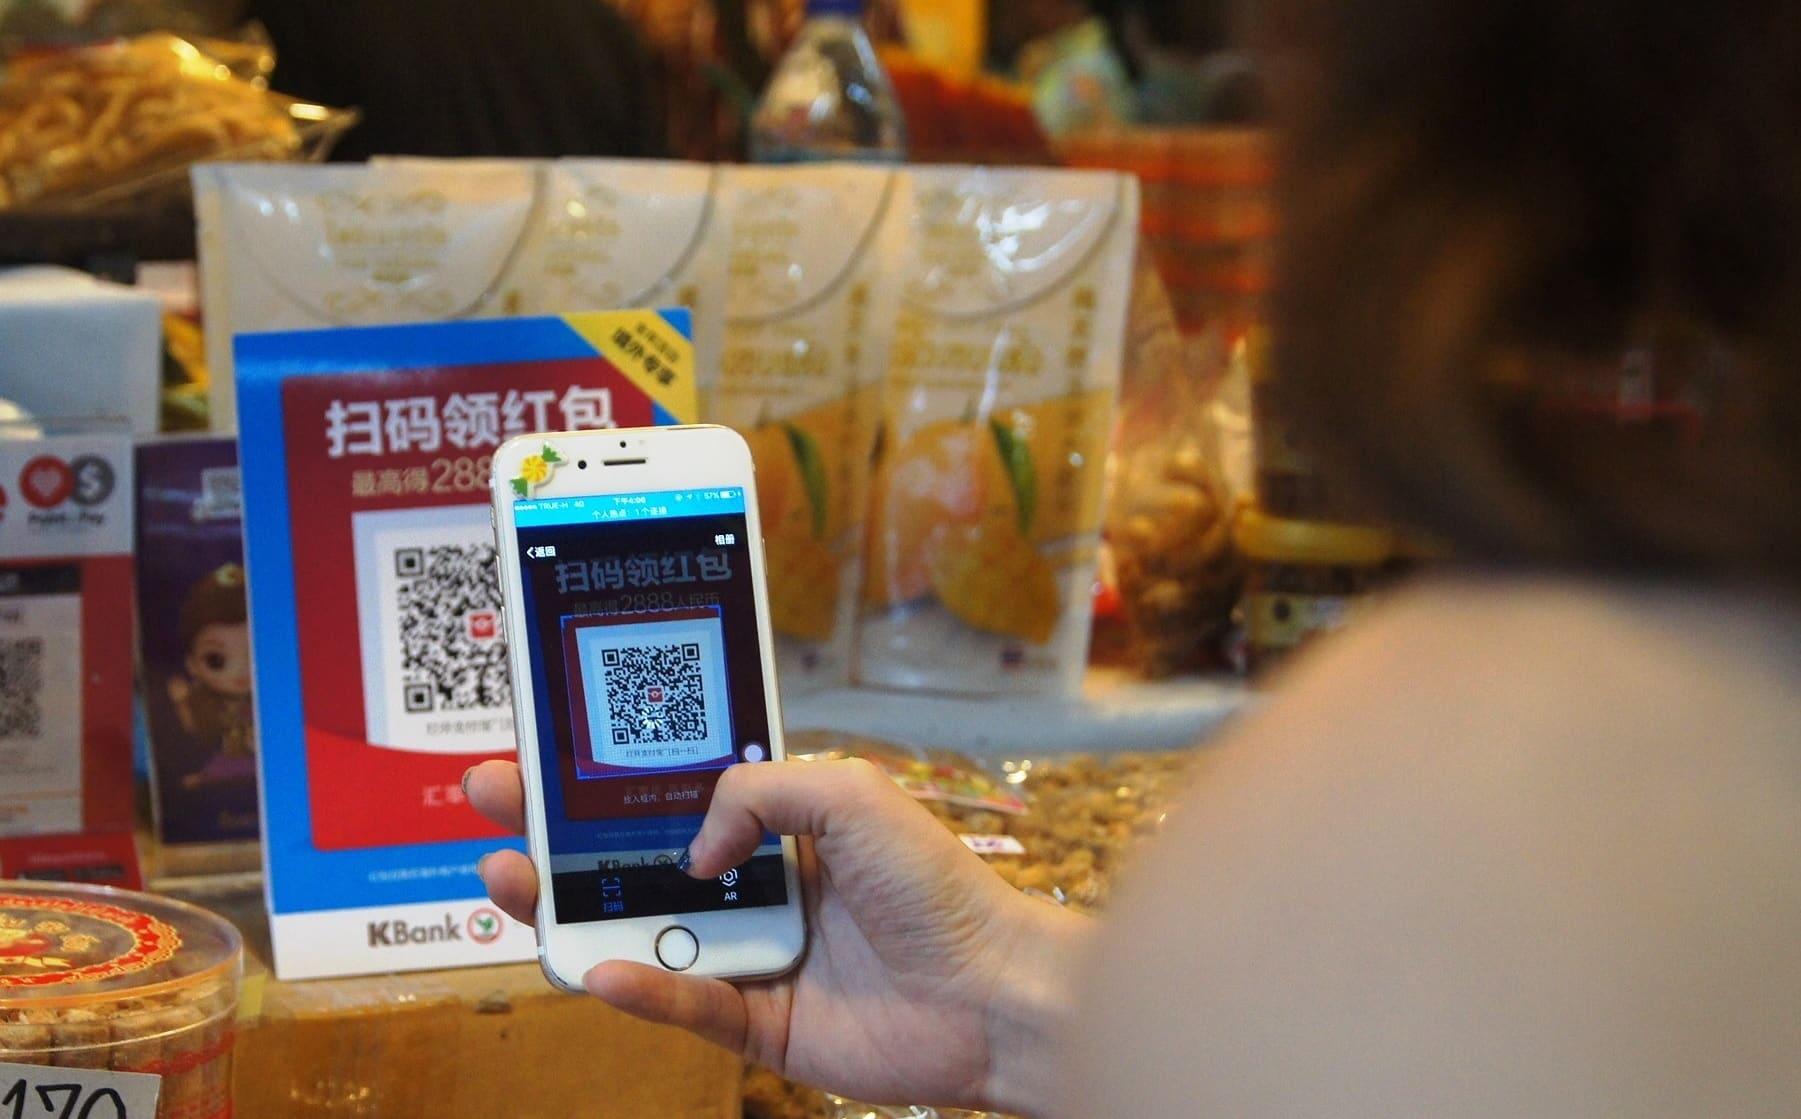 Alipay 001 - ผู้ค้าเกือบ 60% เห็นว่าทราฟฟิกของลูกค้าที่เดินเข้าร้านและรายได้เพิ่มขึ้น หลังจากเปิดรับชำระเงินผ่านอาลีเพย์